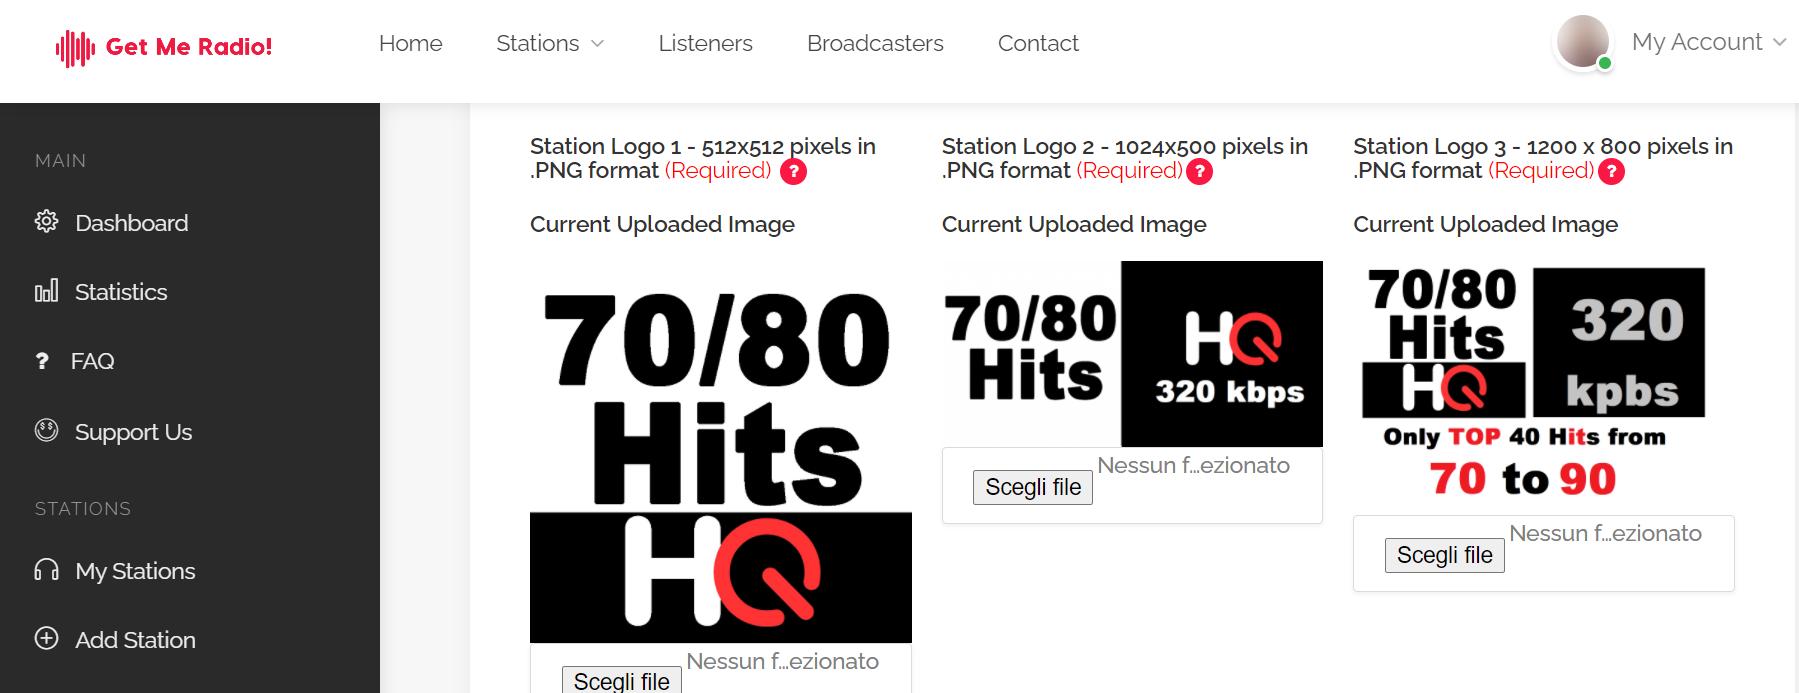 get me radio 2 - Radio 4.0. TuneIn non inserisce più nuove stazioni? Nasce la piattaforma Get Me Radio